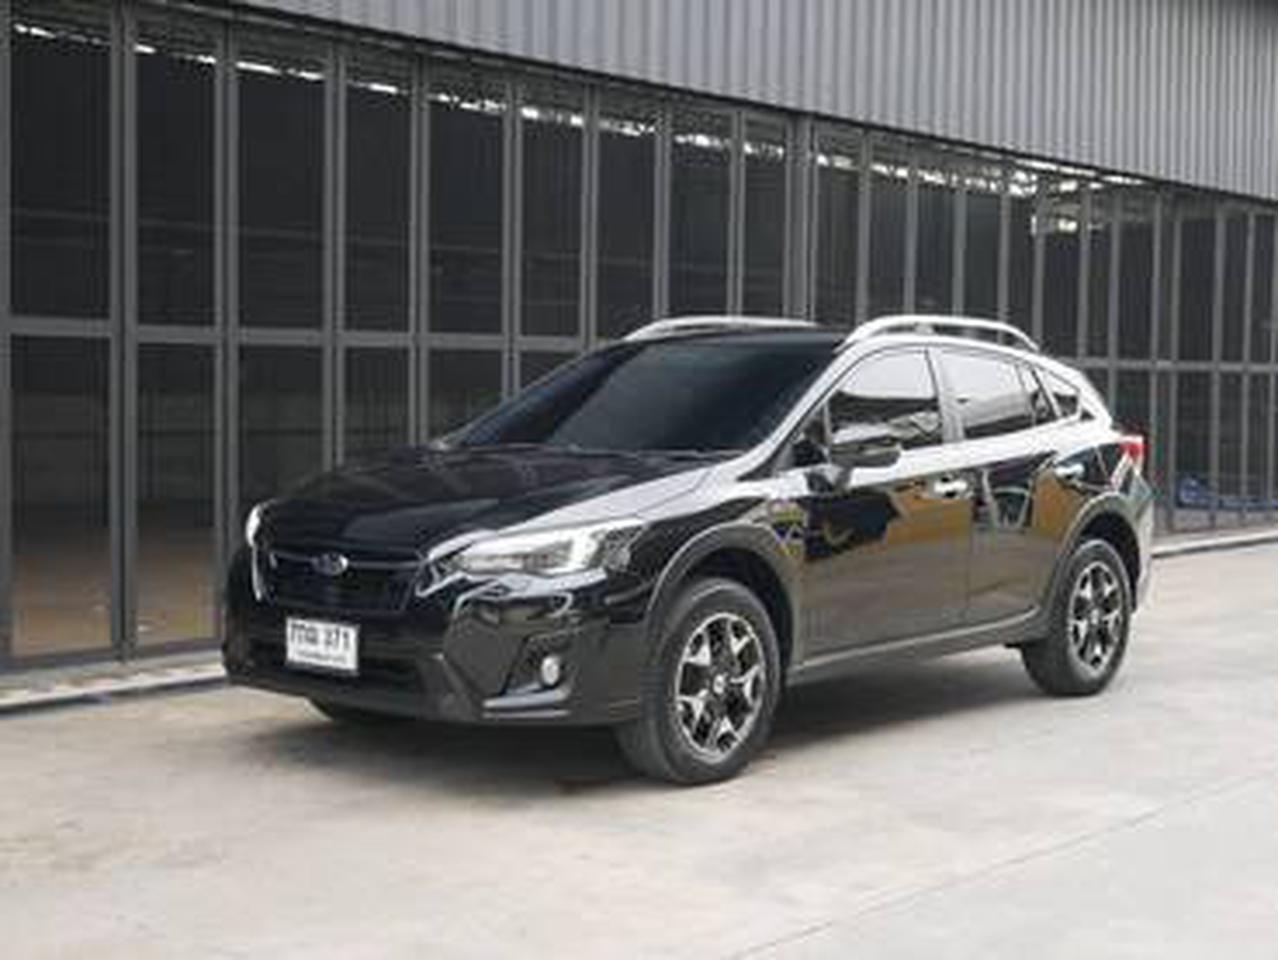 ขายรถ SUBARU XV 2.0i P 2018 รถเครื่อง 2000 cc ขับ 4 คันนี้ เลขไมล์ 6x,xxx กิโลเมตร เป็นรถที่ใช้งานได้ดีมากก รูปที่ 4